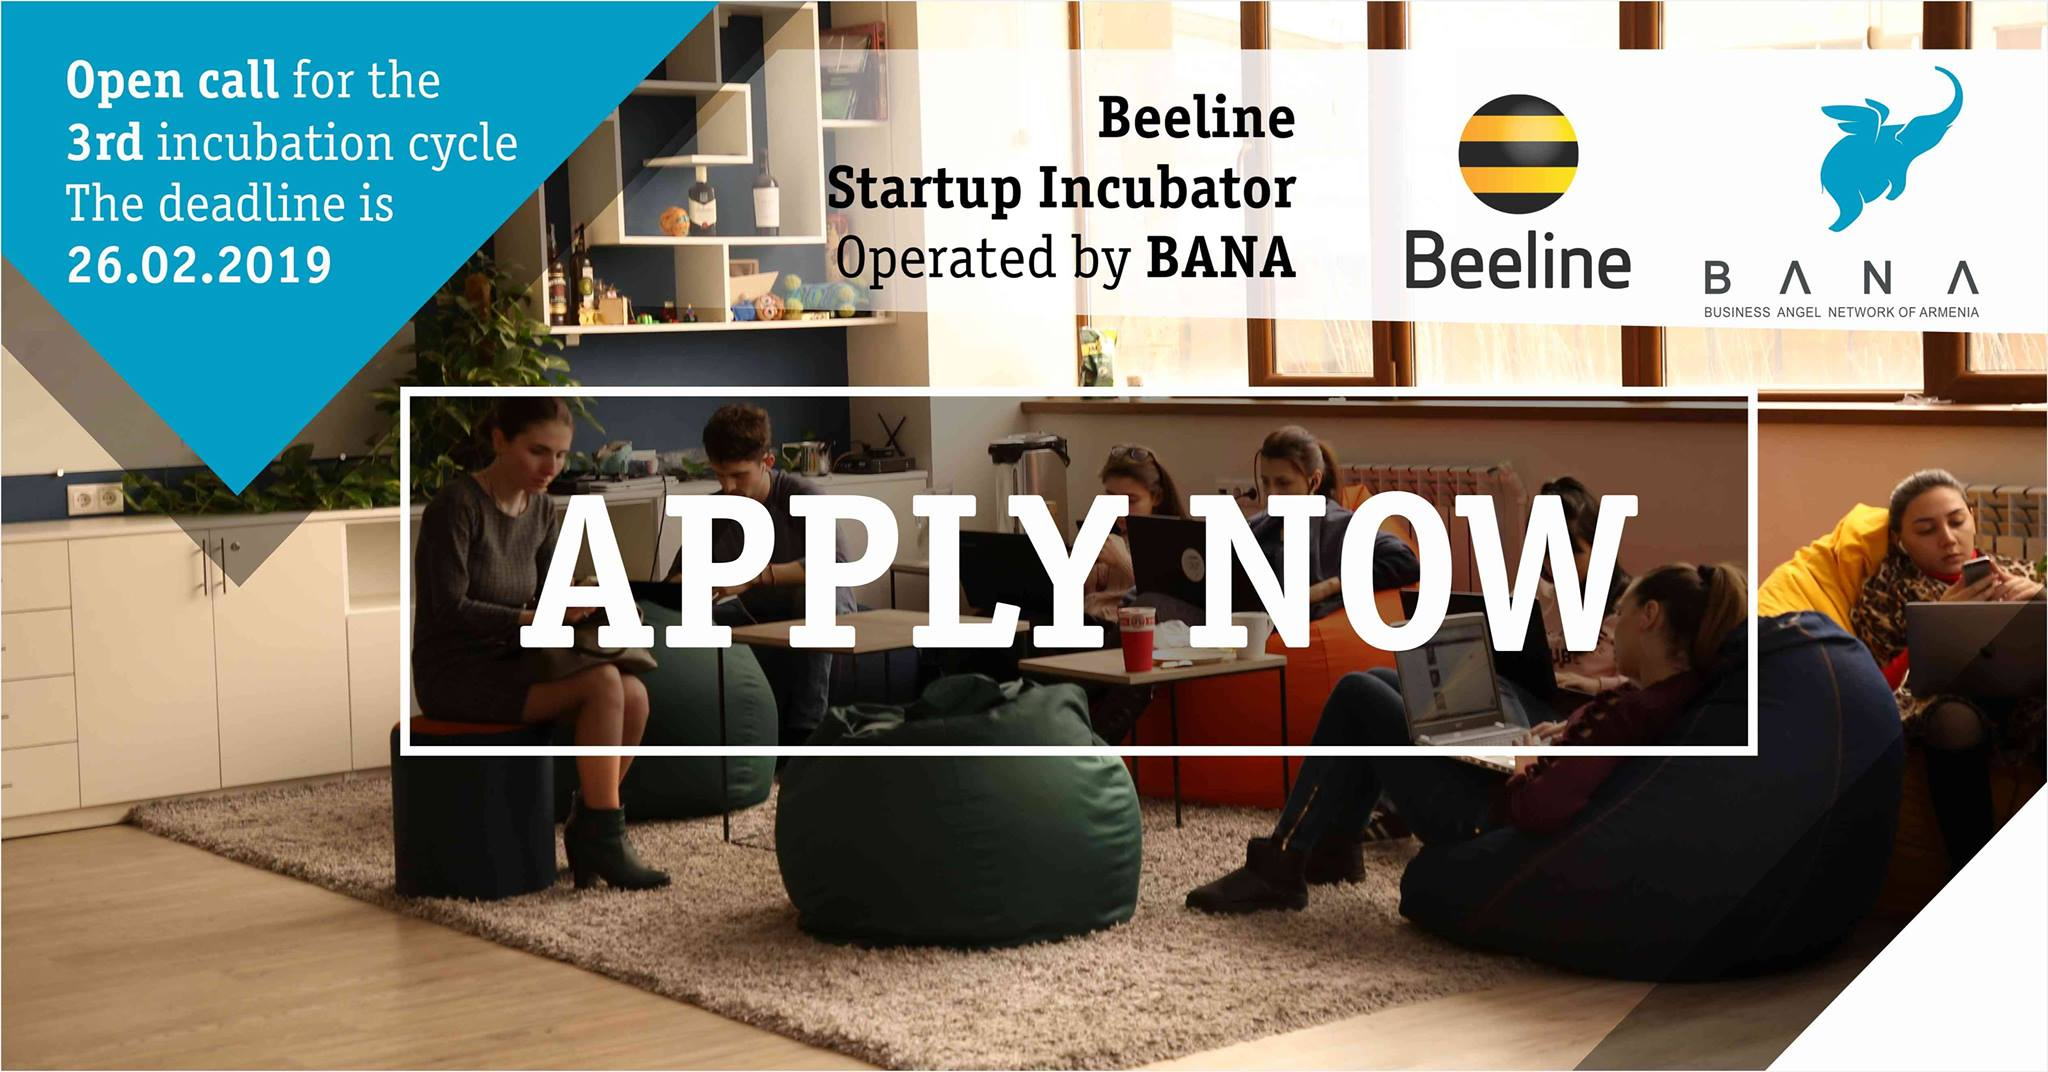 Beeline Ստարտափ Ինկուբատորը հայտարարում է ստարտափների ընդունելություն երրորդ ինկուբացիոն ցիկլի համար